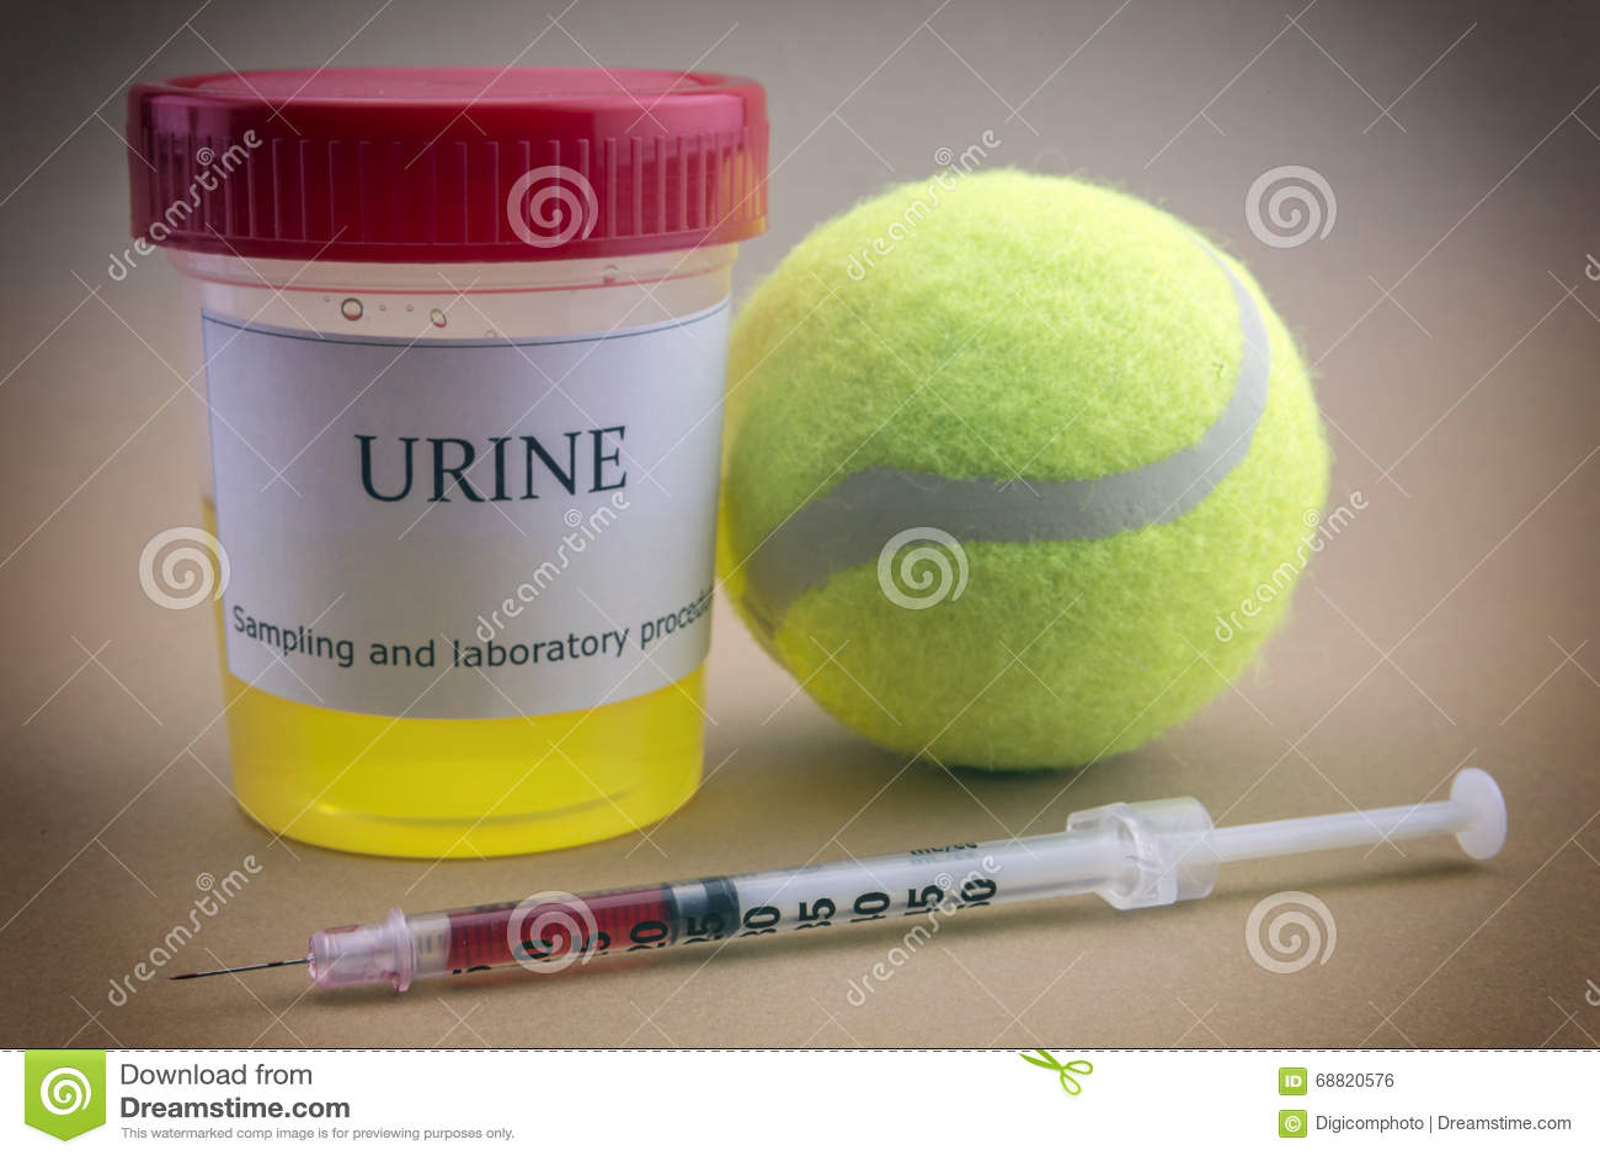 8f06150f68e Testes Para A Pesquisa Da Urina Junto Com Uma Bola Do Tênis Foto de ...